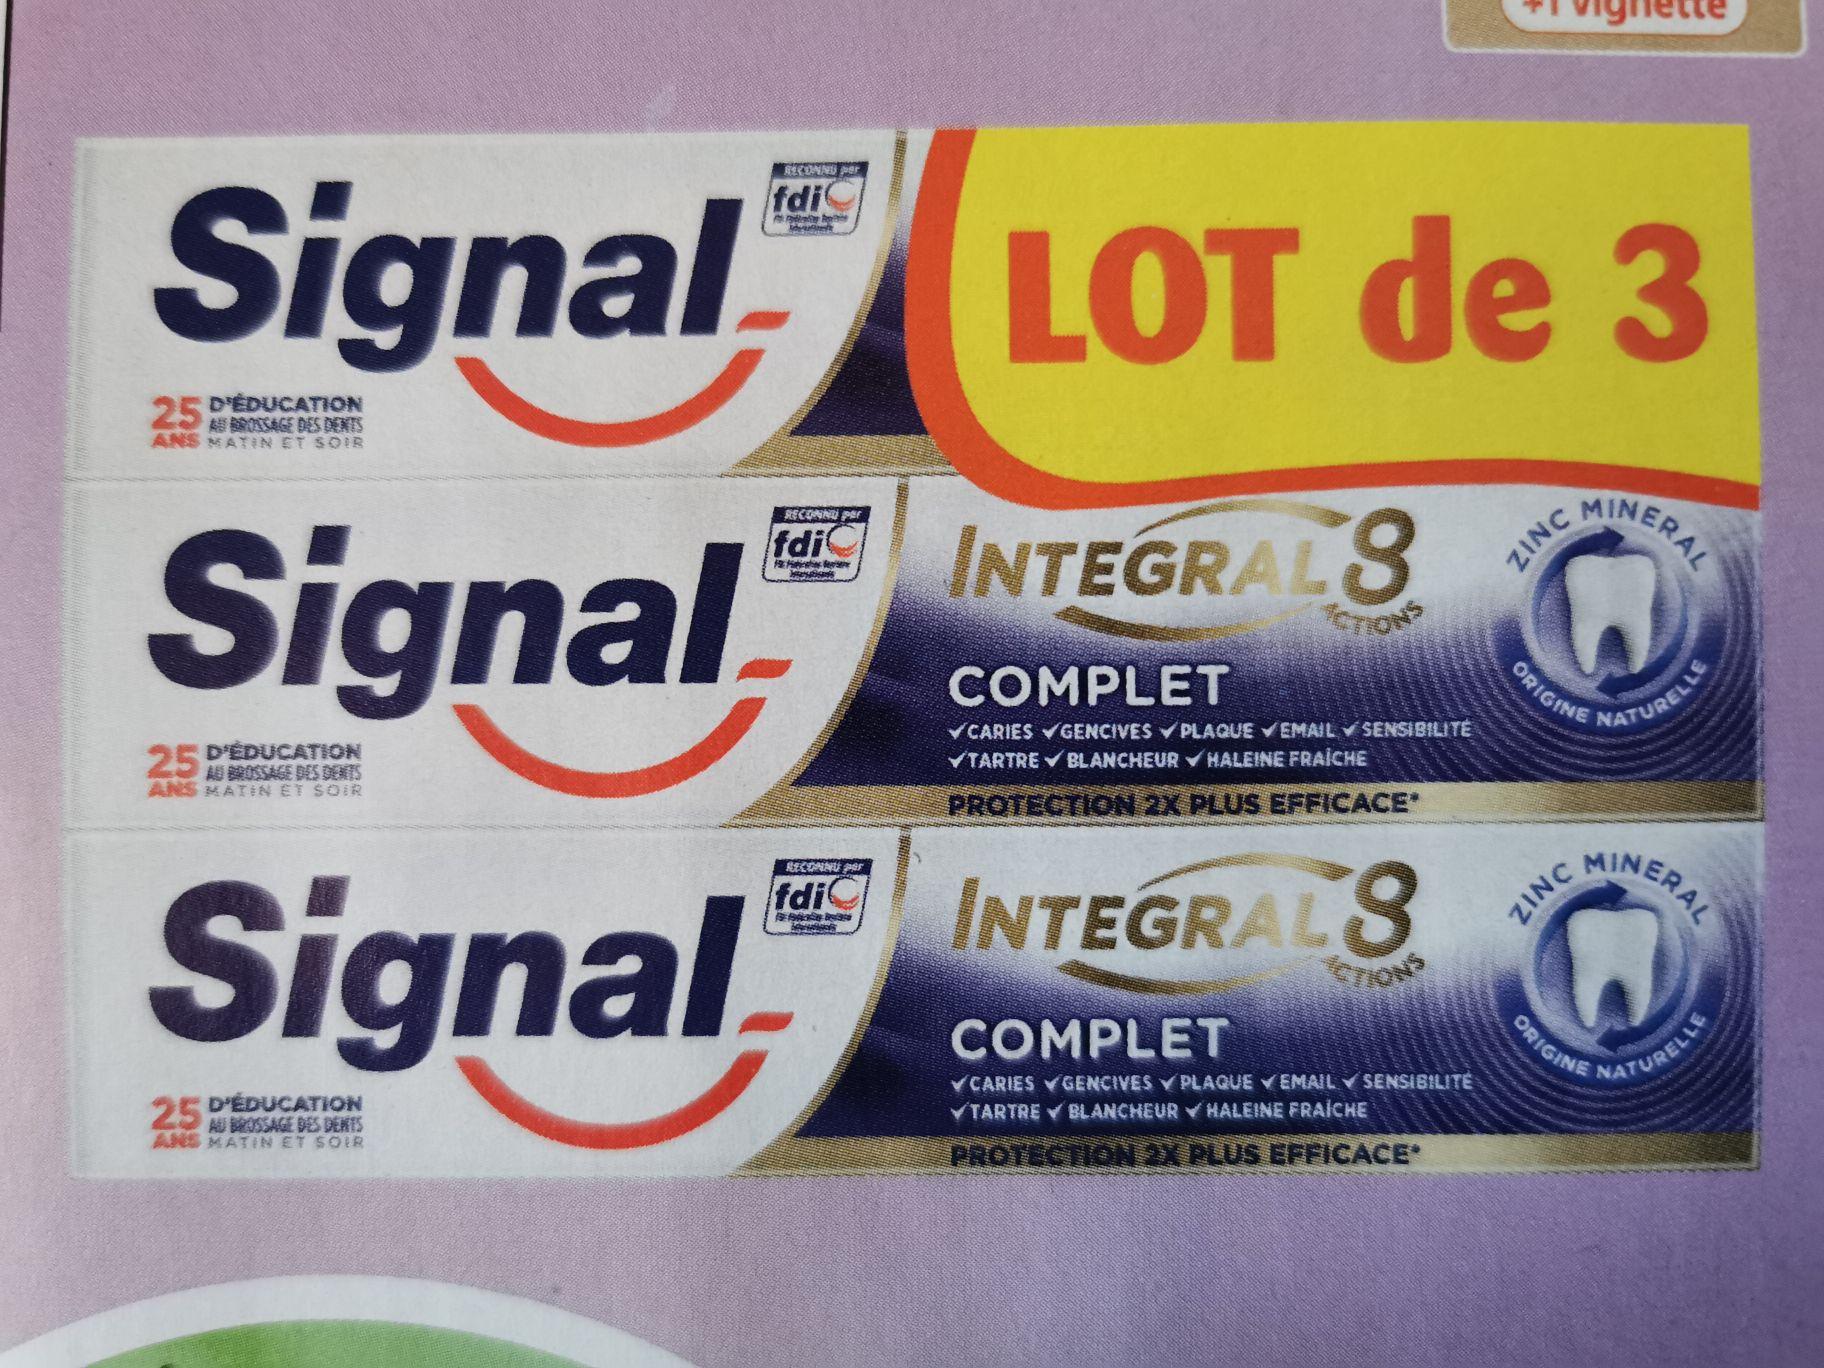 Lot de 3 tubes de dentifrice Signal Integral 8 - Différentes variétés au choix, 3 x 75ml (Via 2.67€ sur la Carte de Fidélité)